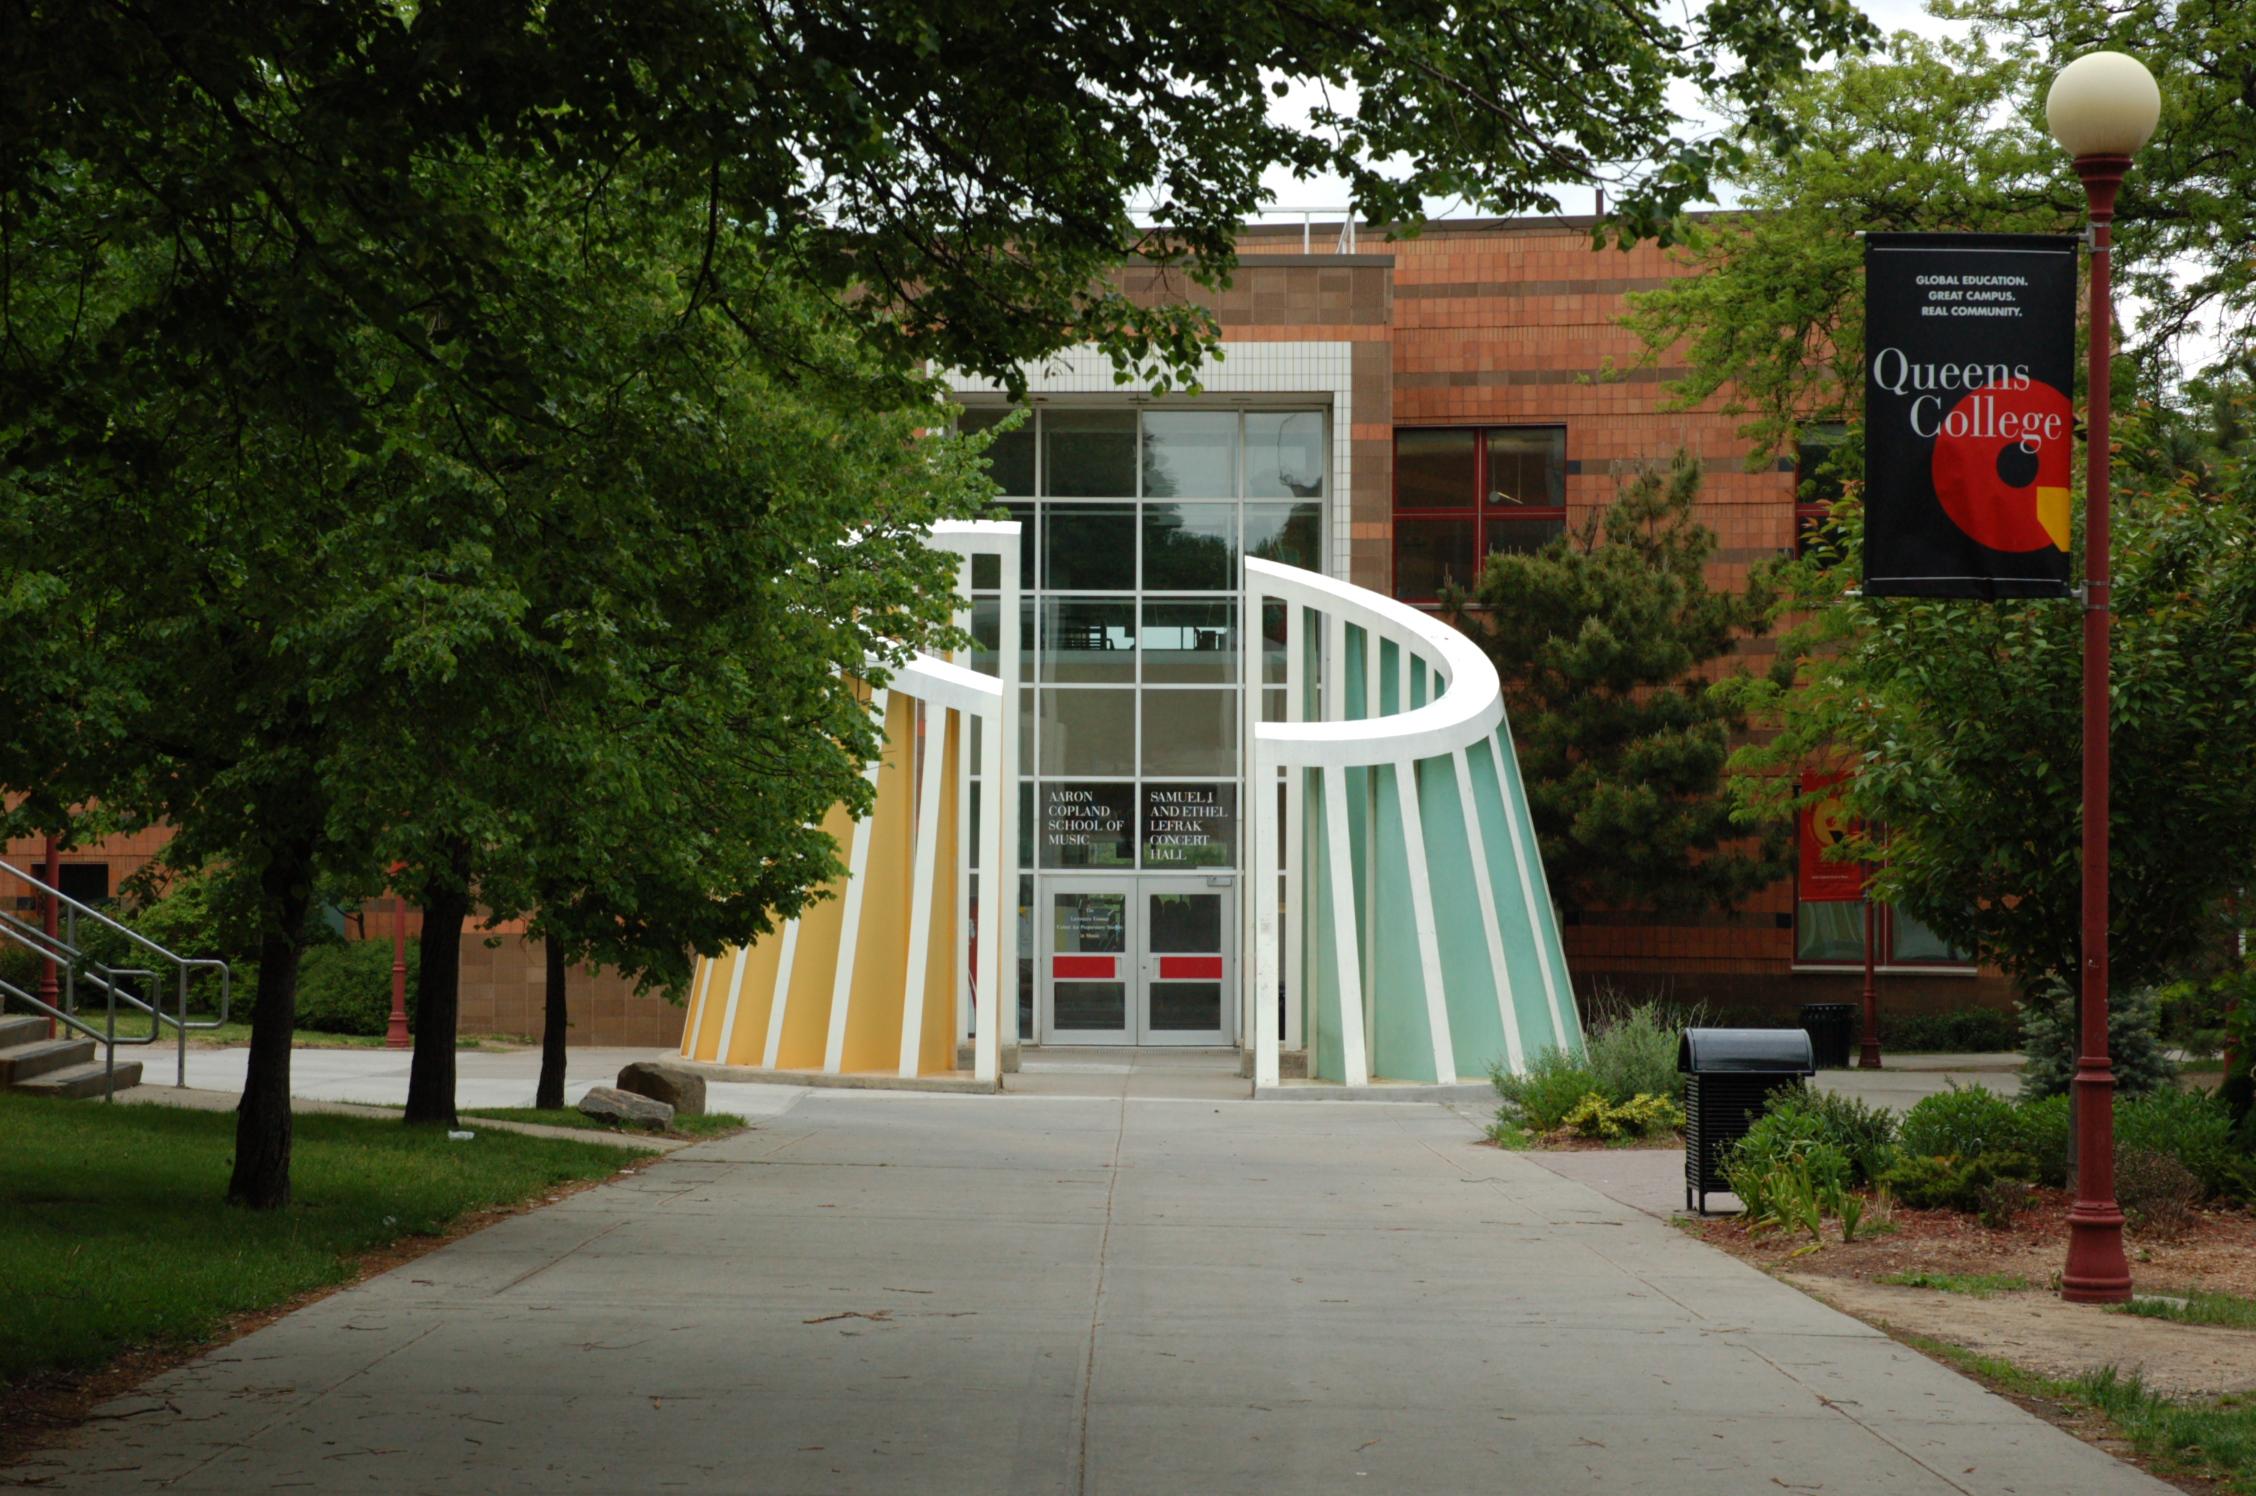 Aaron Copland School of Music, Queens College (part of the [[City University of New York